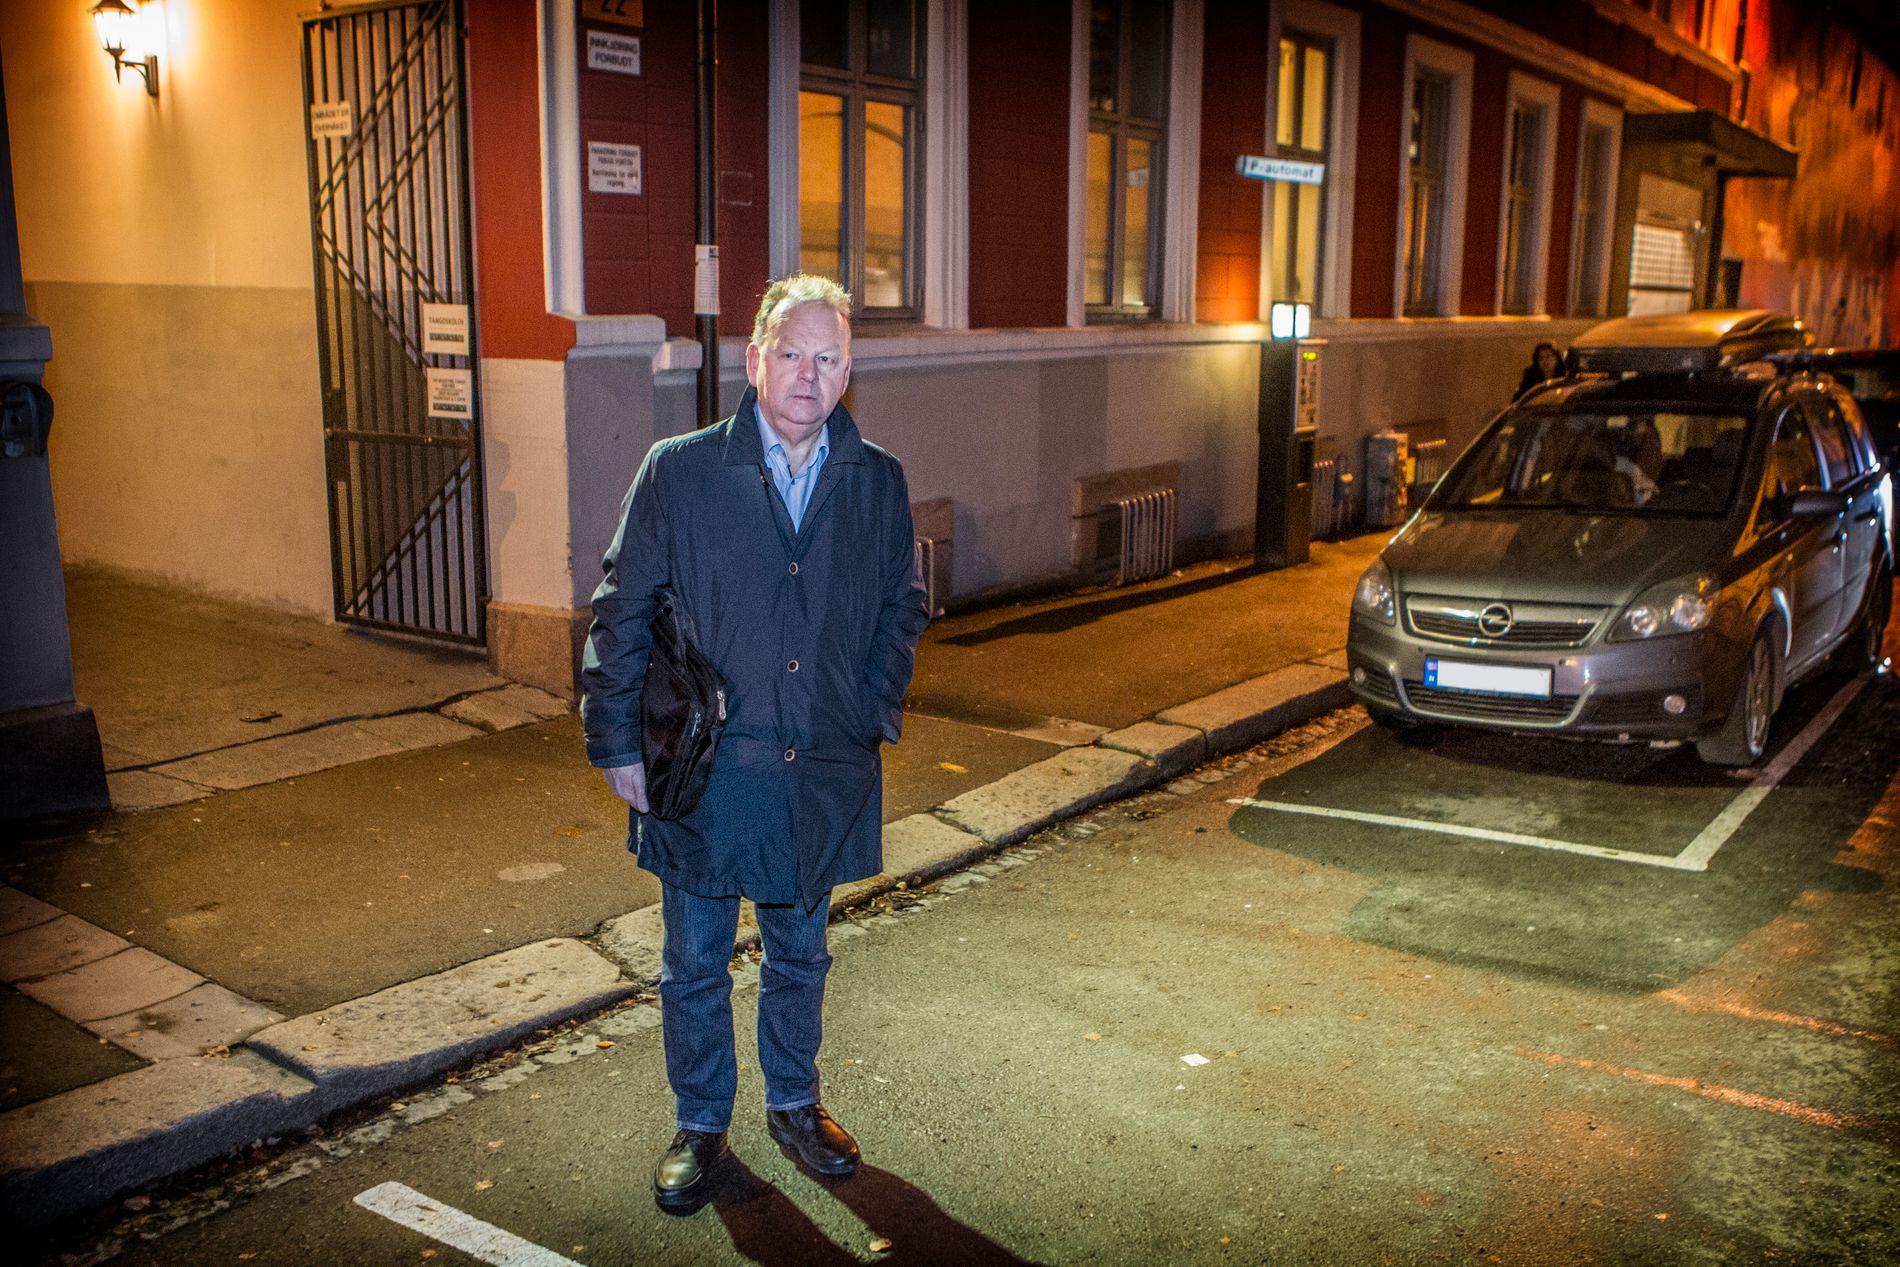 LETTET: Tidligere sjef for voldsavsnittet i Oslo, Finn Abrahamsen, blir glad hvis det viser seg at politiet har løst den 14 år gamle drapssaken. Her er han tilbake på åstedet i kveld.